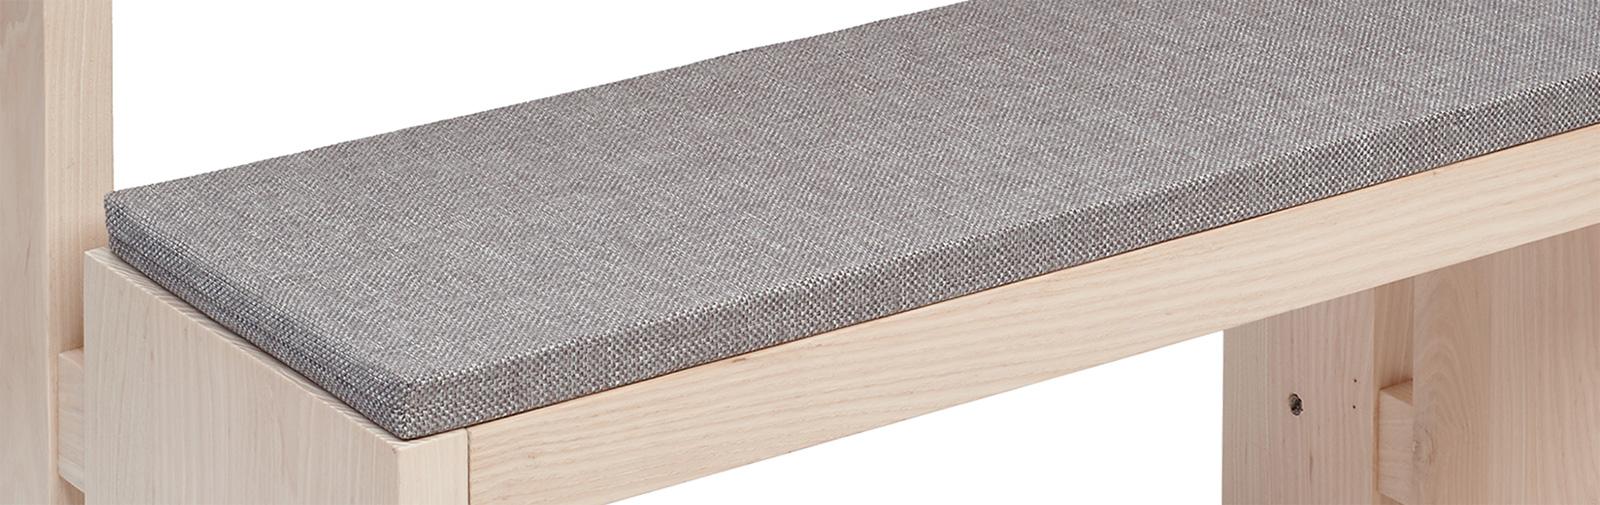 banque échantillon coussin Bankauflage Simplex Verano code couleur 683 coleur gris